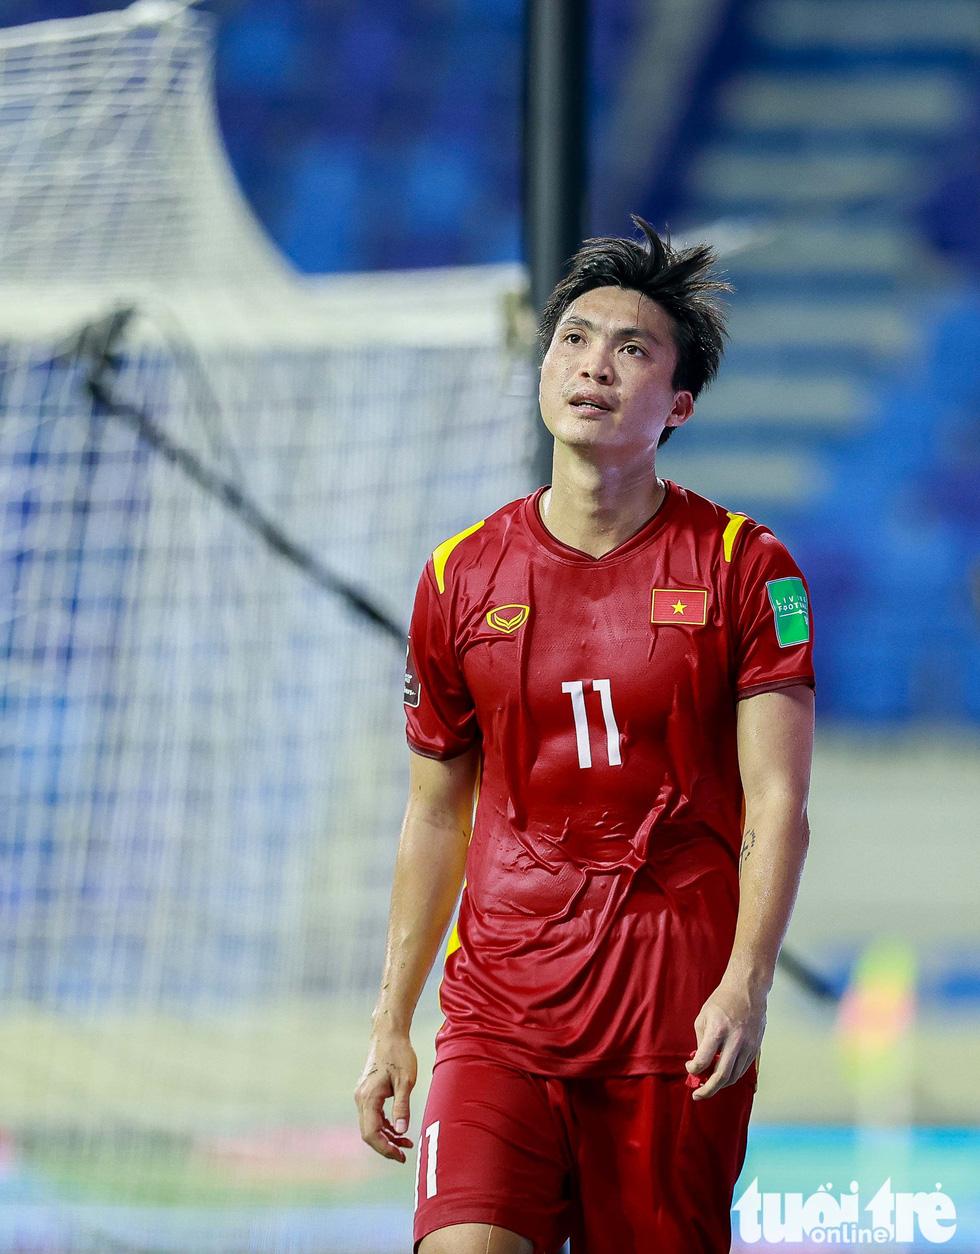 Những pha bóng triệt hạ xấu xí của tuyển Indonesia nhắm vào tuyển thủ Việt Nam - Ảnh 7.